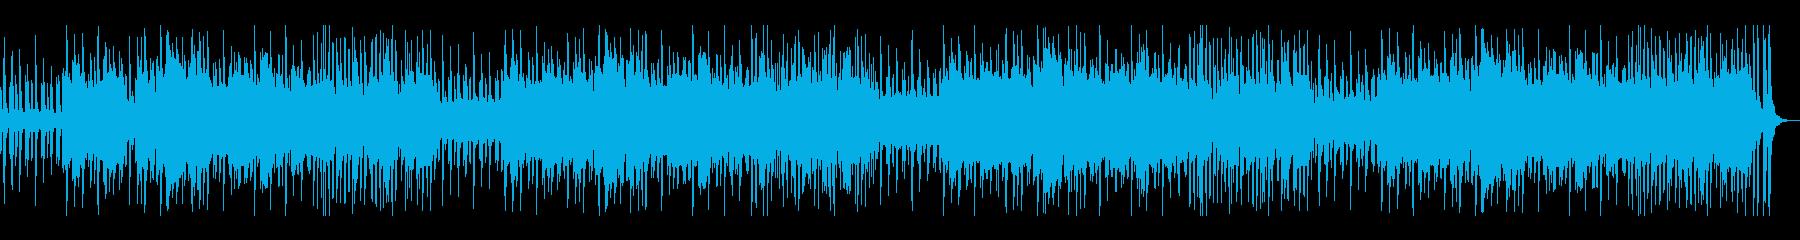 生き物の映像やタイムラプスにオススメですの再生済みの波形